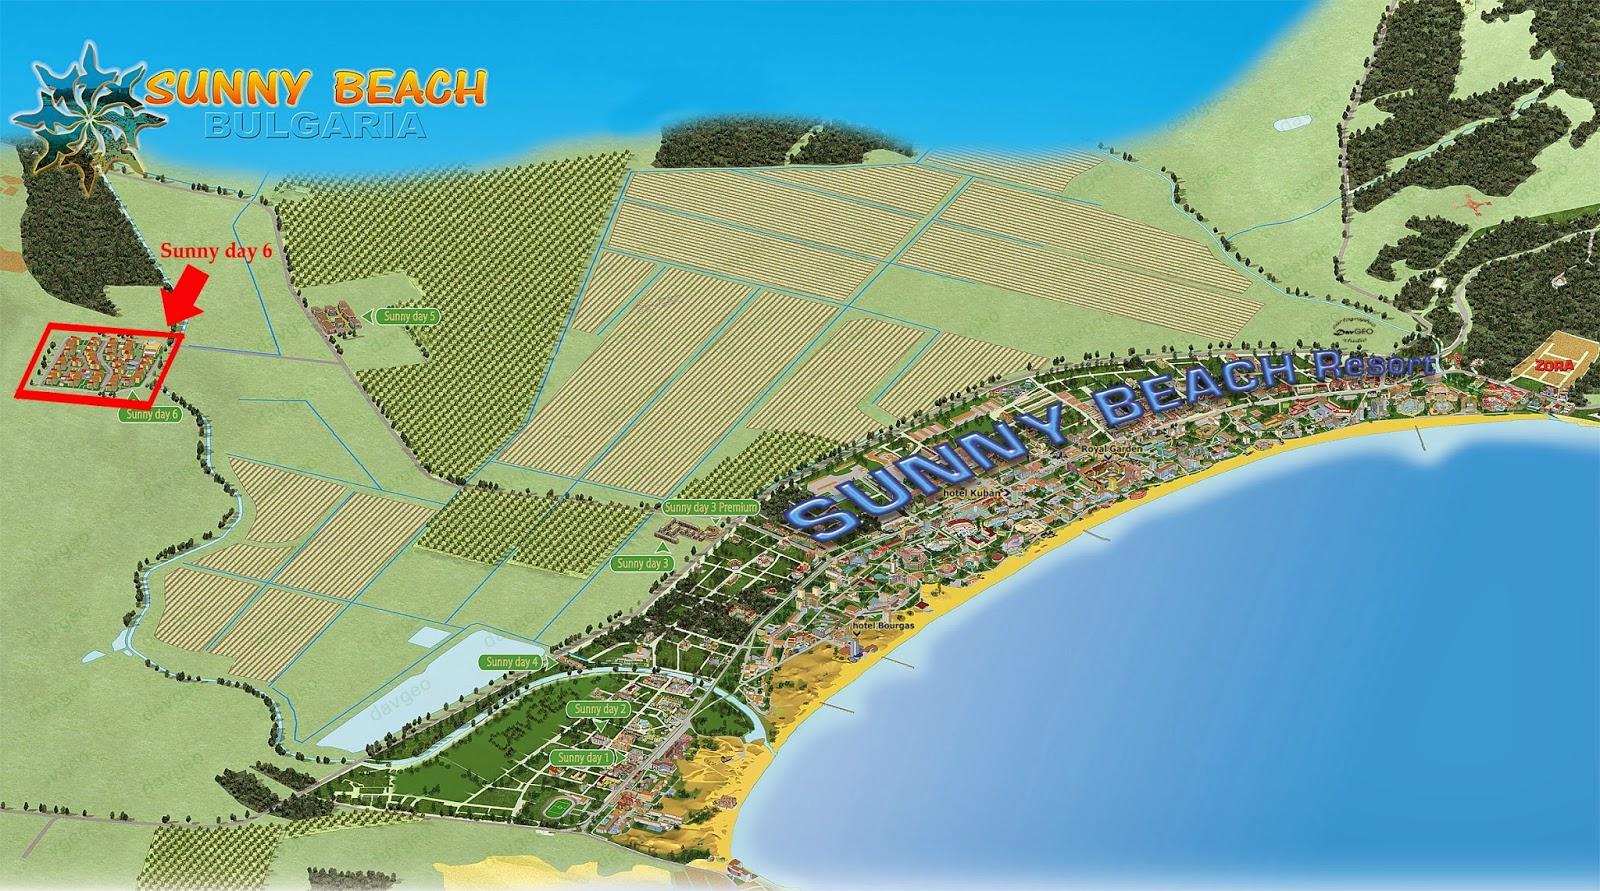 Комплекс империя солнечный берег на карте google